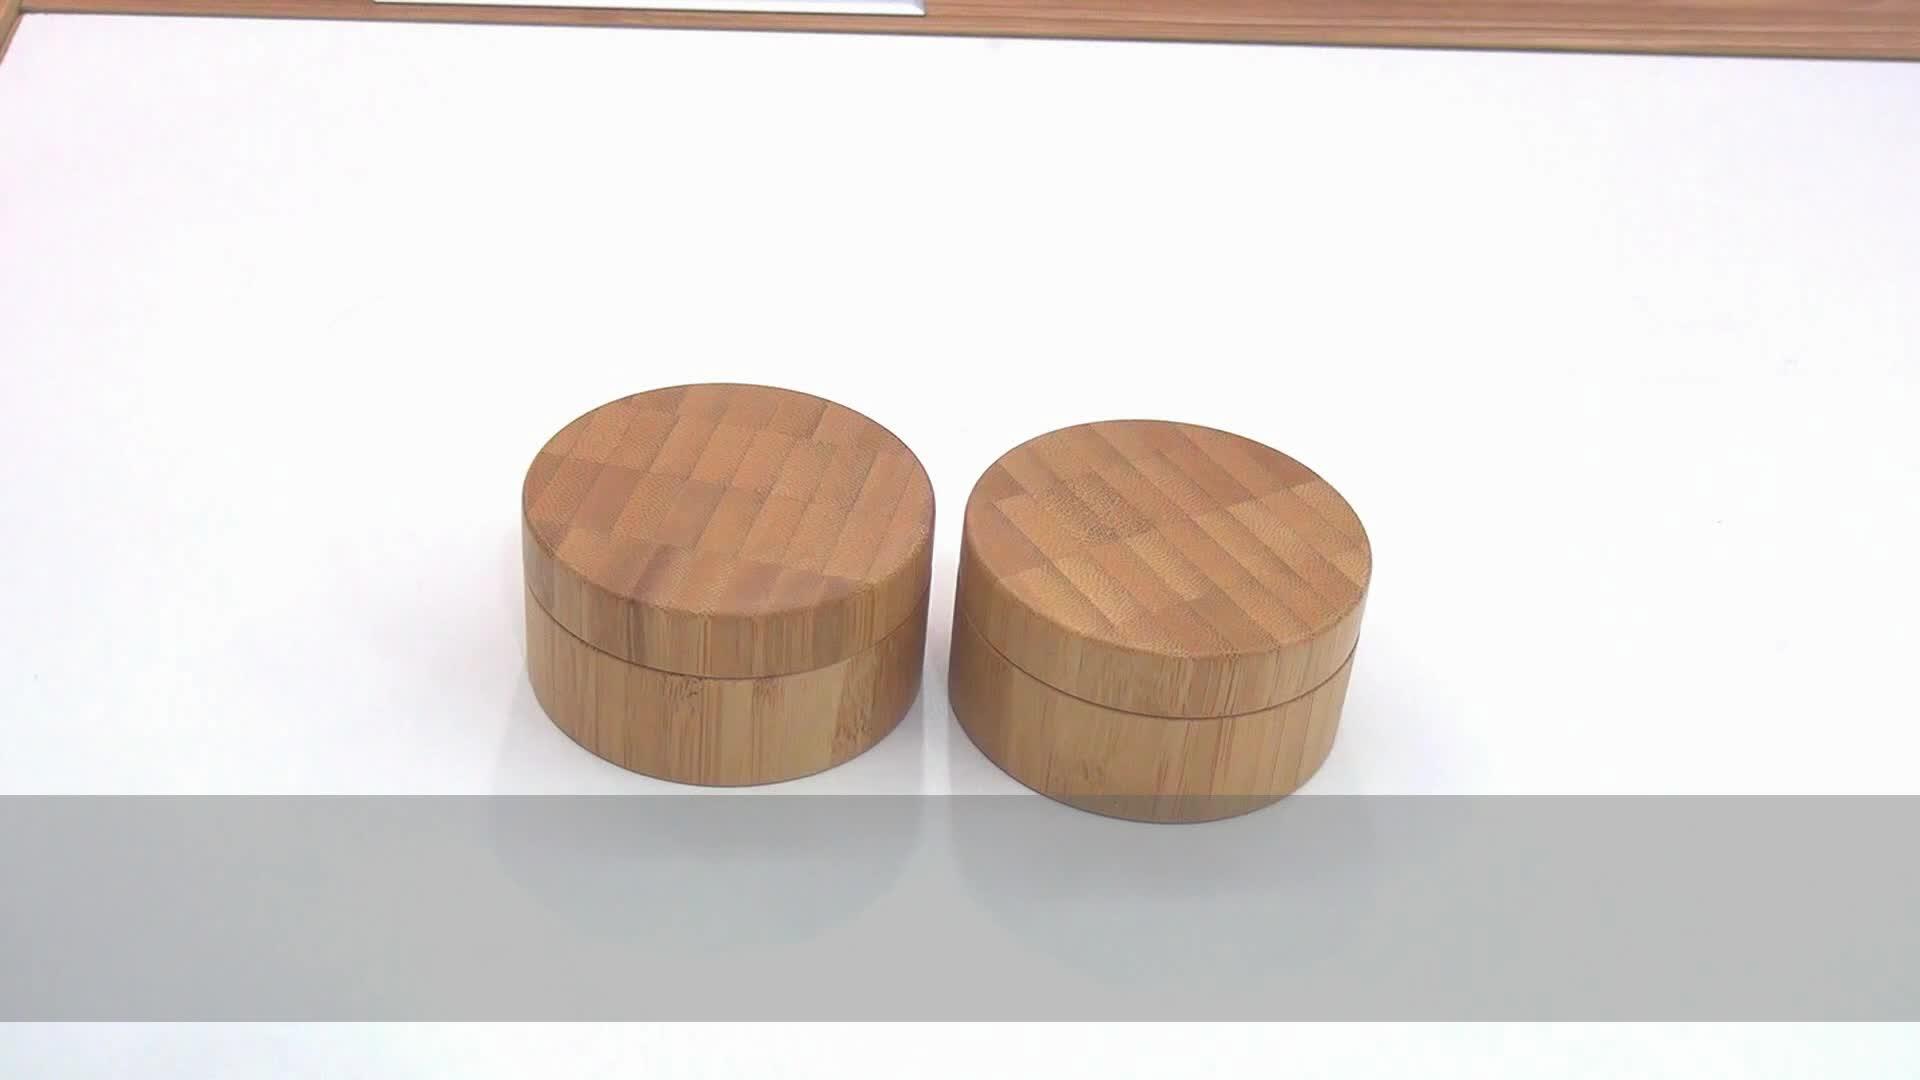 Zarif Boş Bambu Gevşek Toz Kılıf Elek 30g ile 30 ml Yüksek Dereceli DIY Bambu Kozmetik Toz Konteyner 1 oz ile Puf